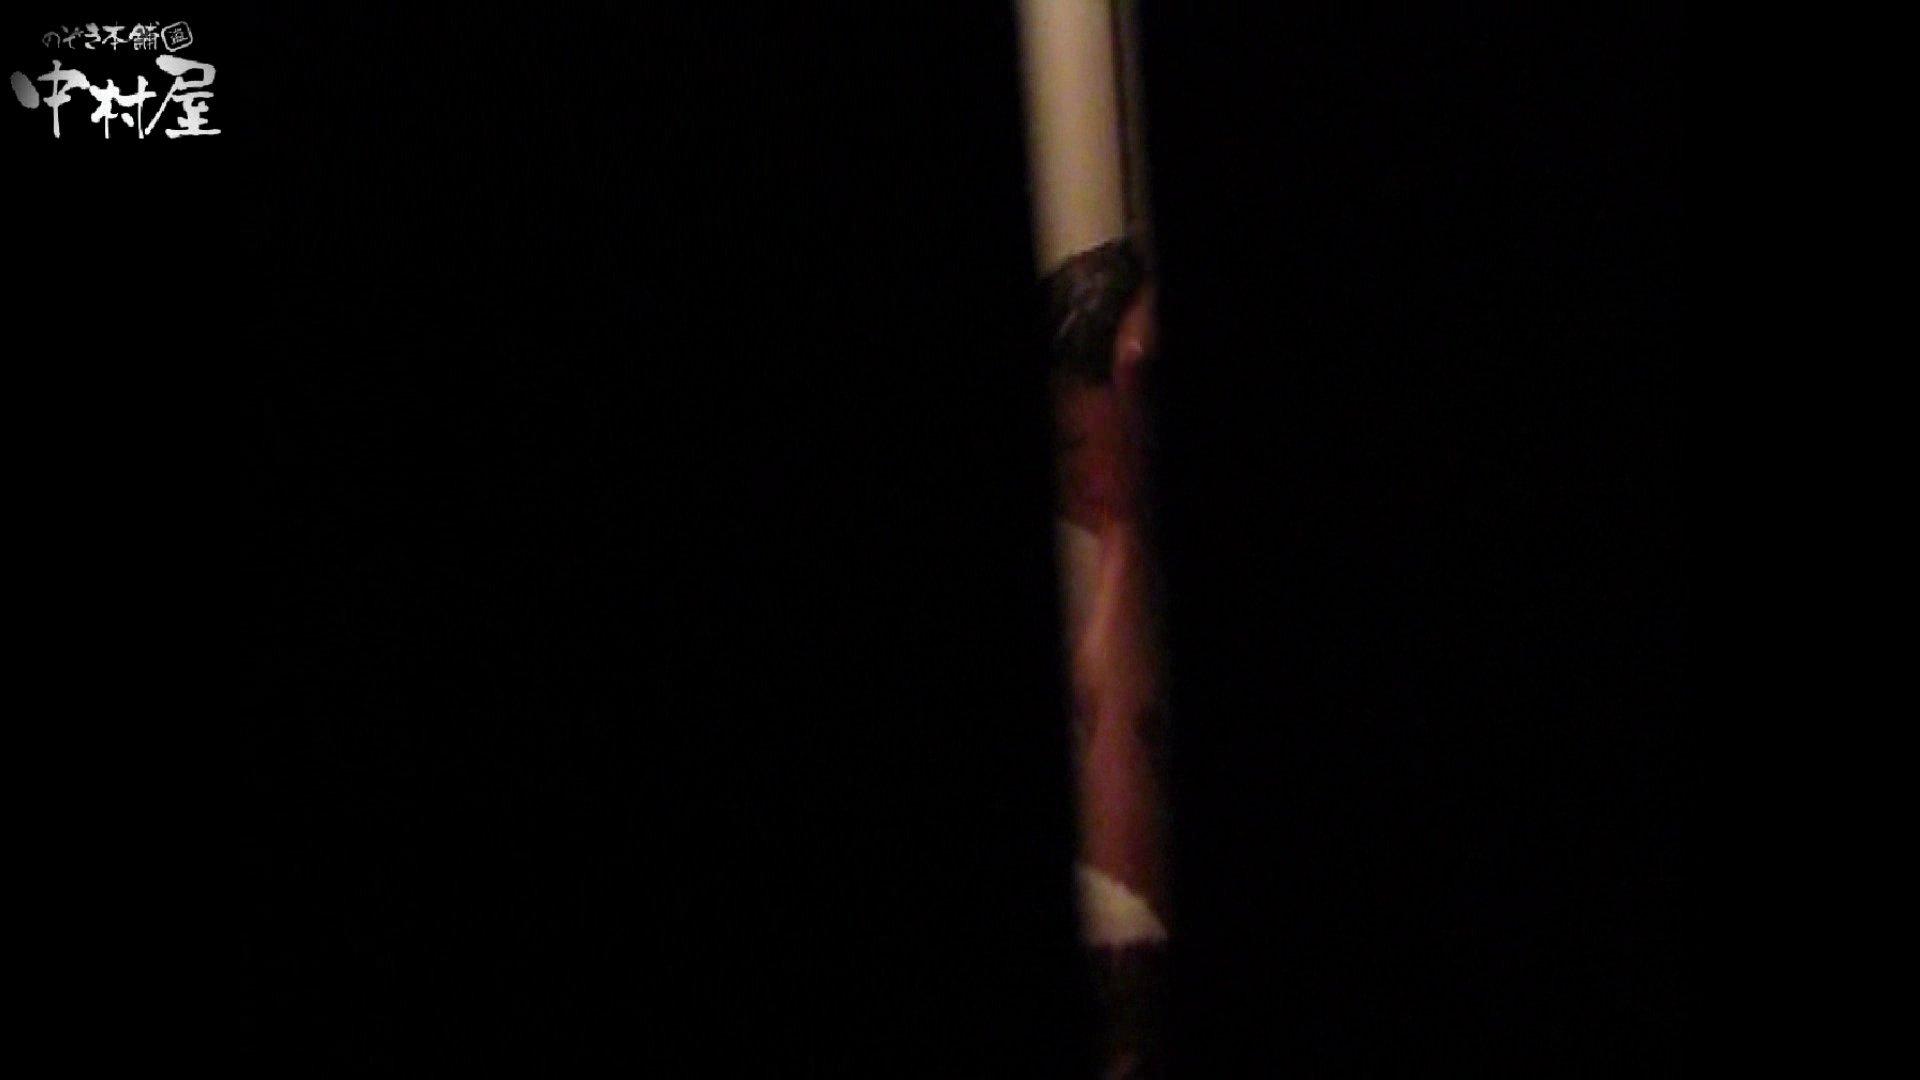 民家風呂専門盗撮師の超危険映像 vol.004 美女まとめ 盗撮画像 89PIX 3